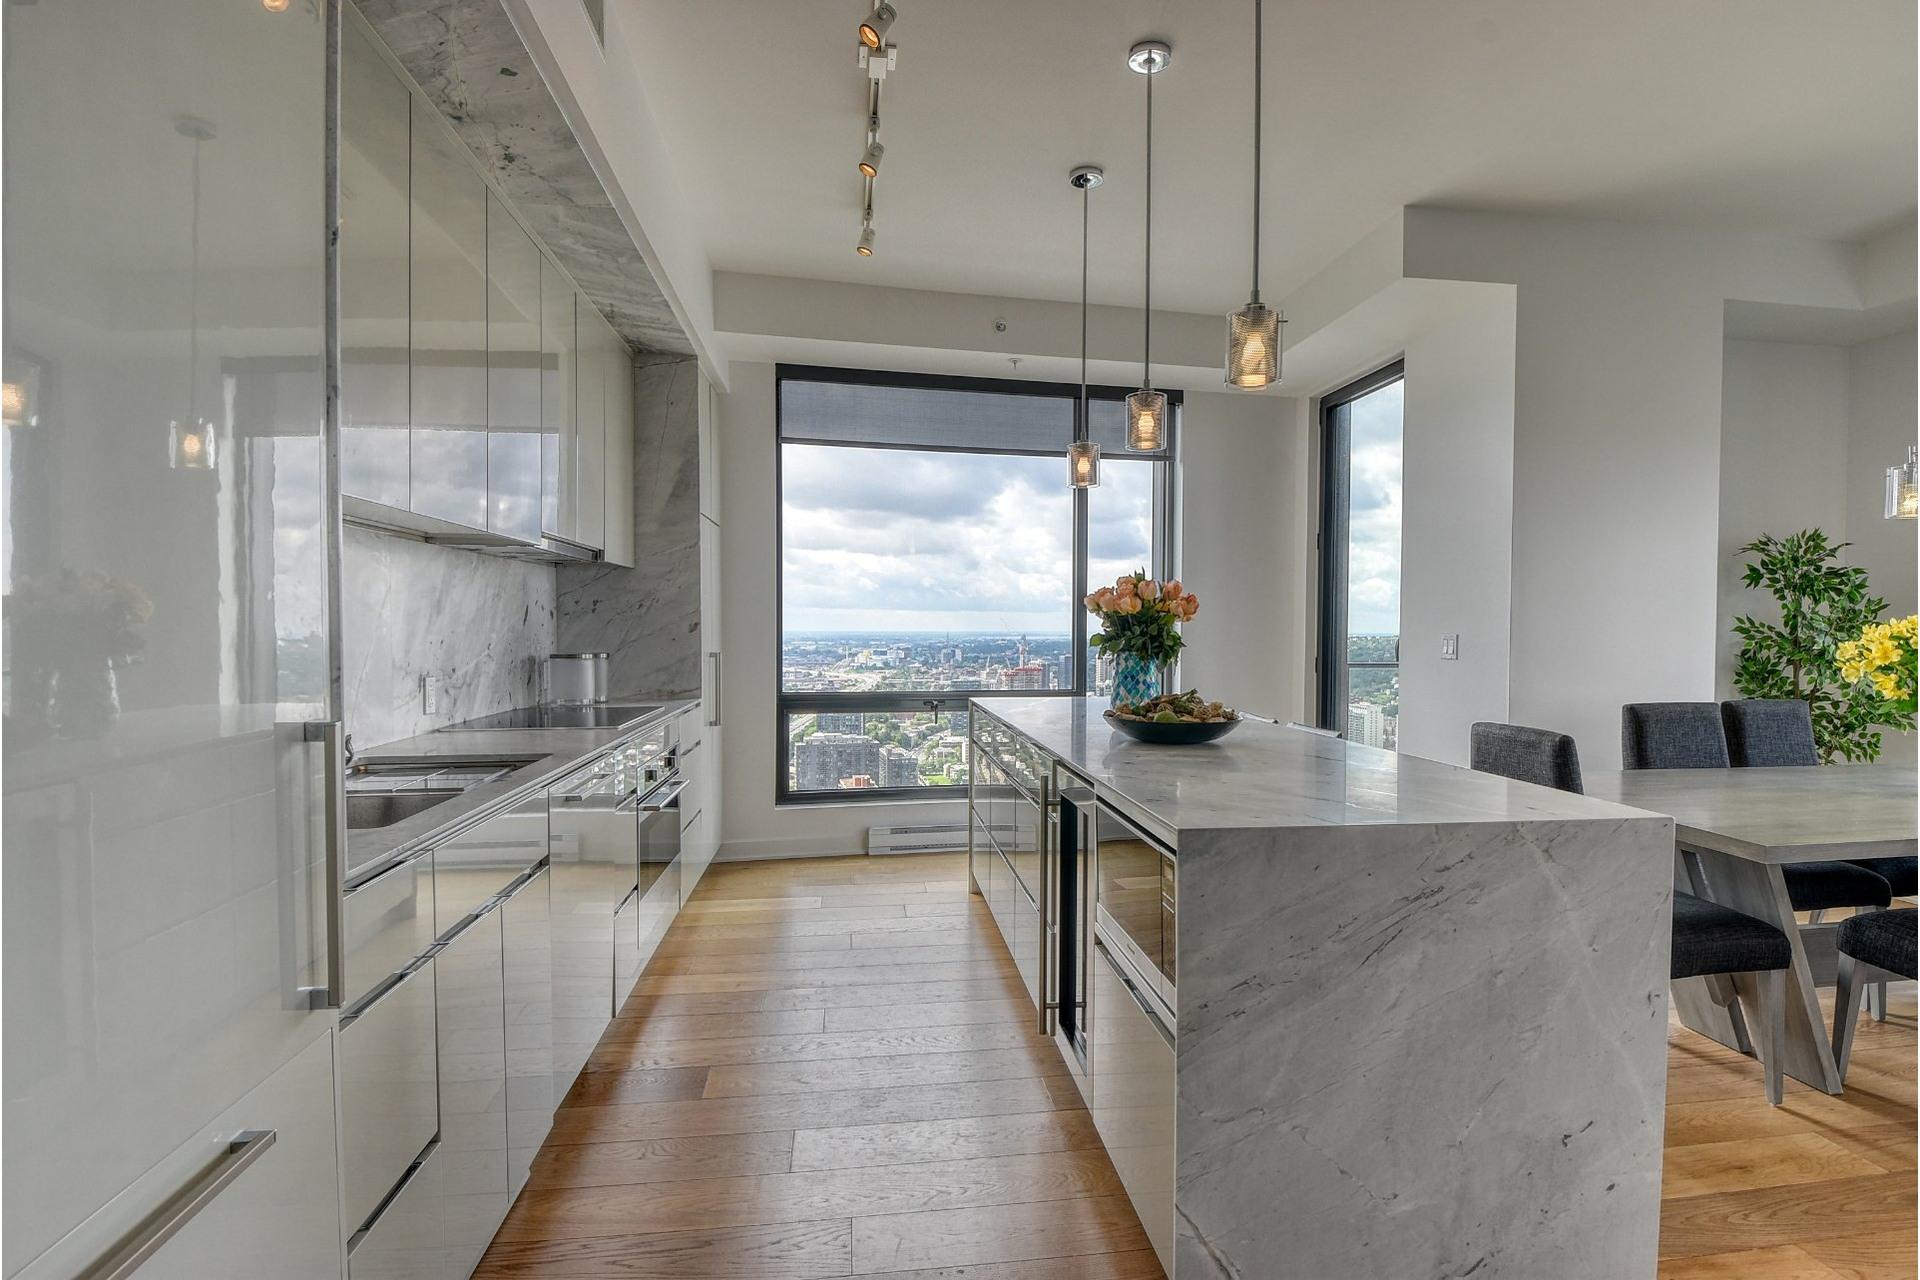 image 8 - Apartment For rent Ville-Marie Montréal  - 6 rooms